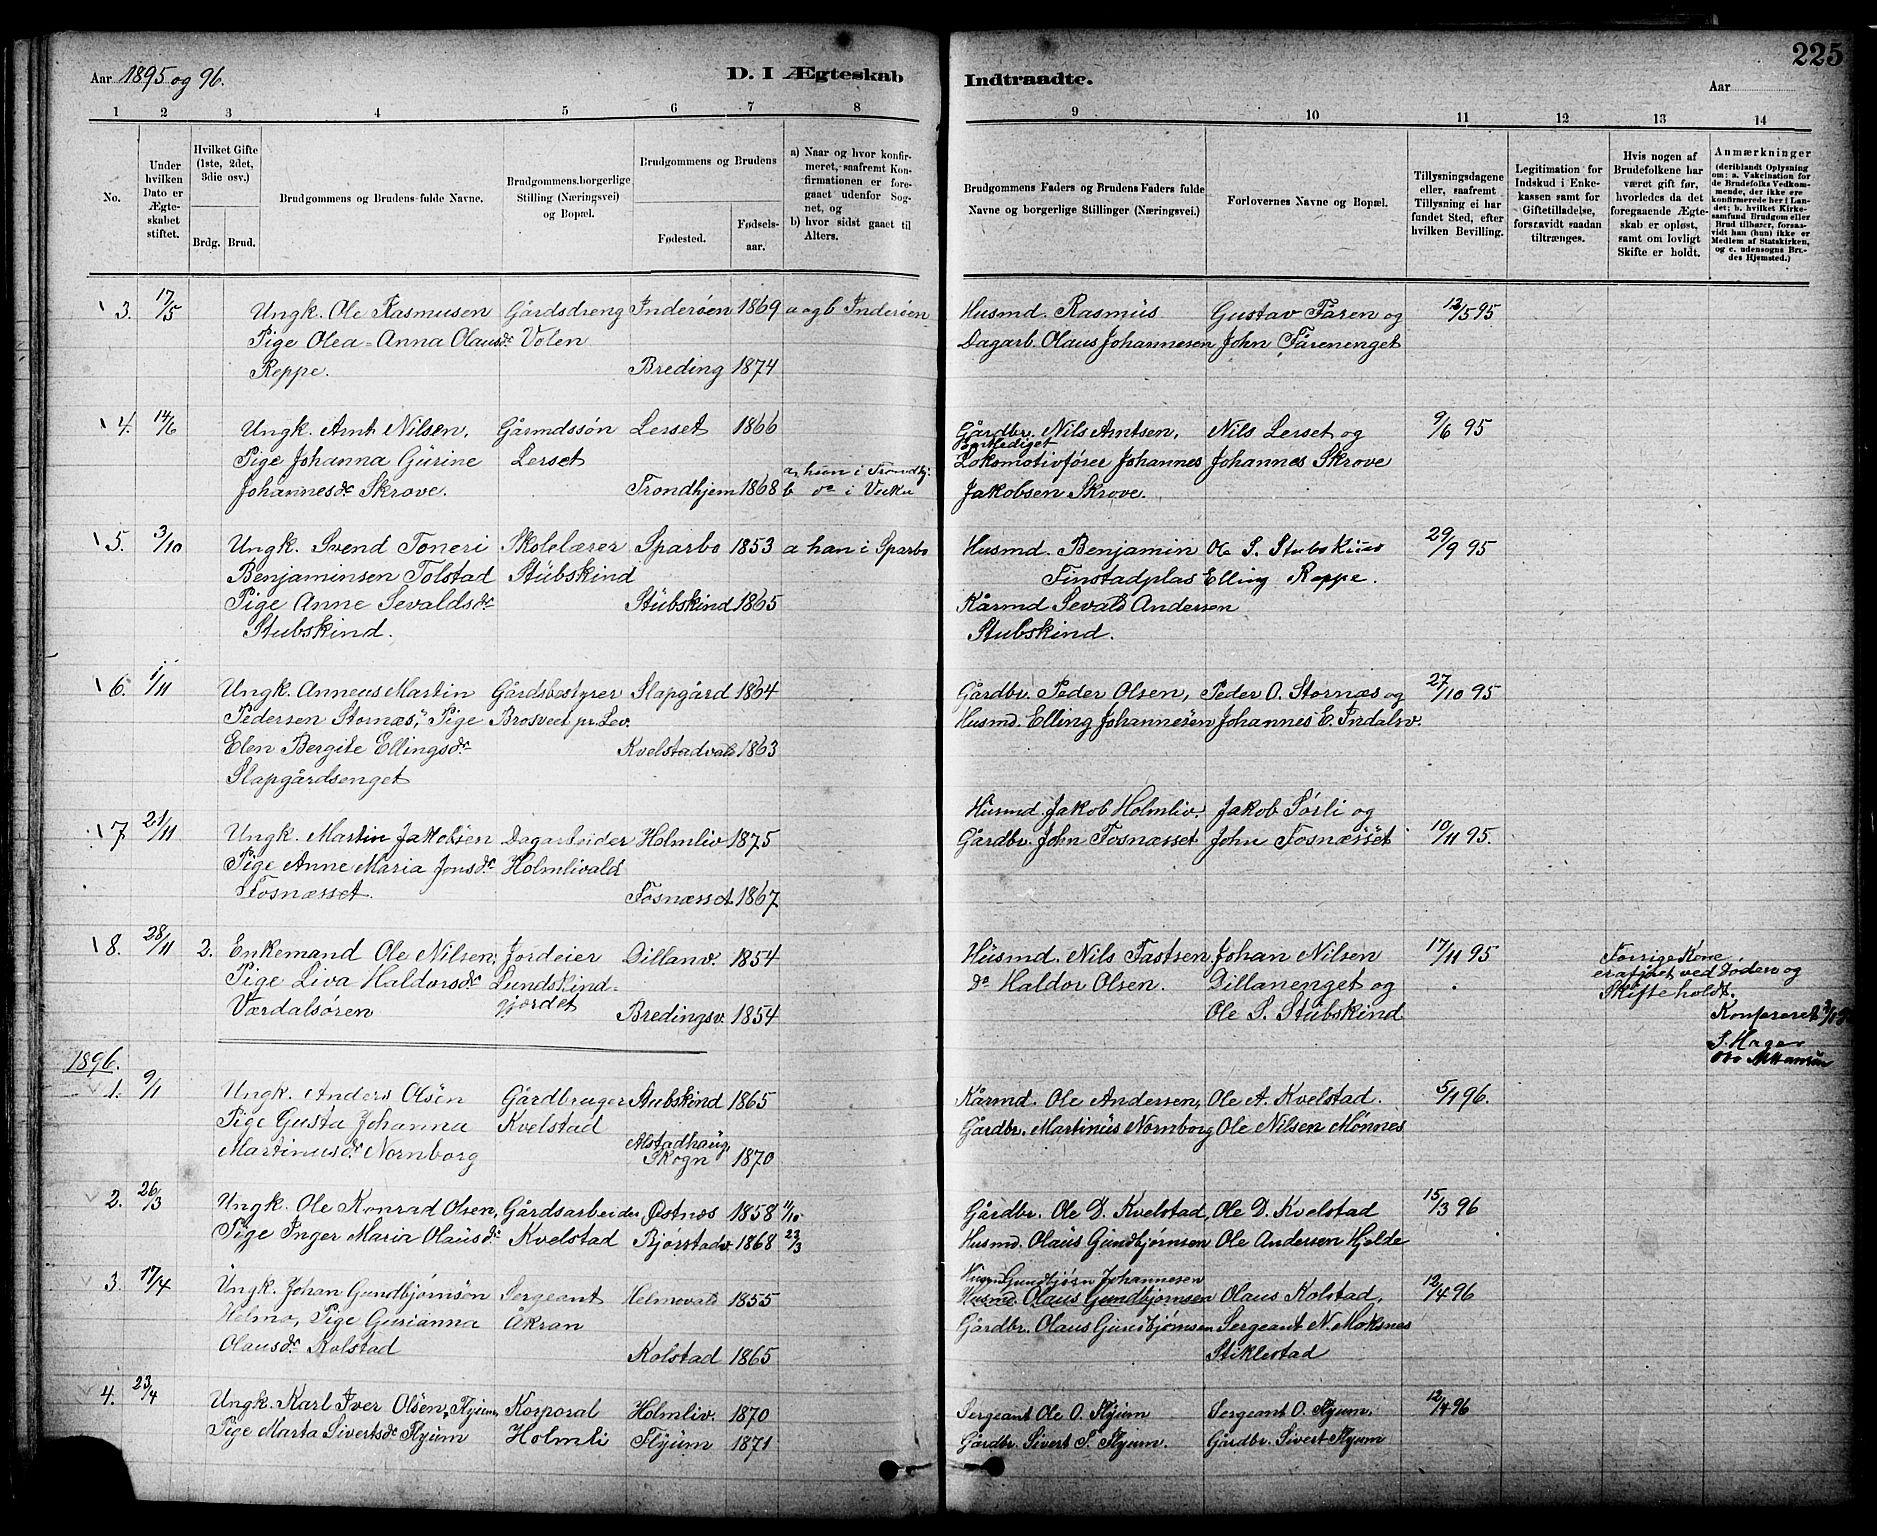 SAT, Ministerialprotokoller, klokkerbøker og fødselsregistre - Nord-Trøndelag, 724/L0267: Klokkerbok nr. 724C03, 1879-1898, s. 225